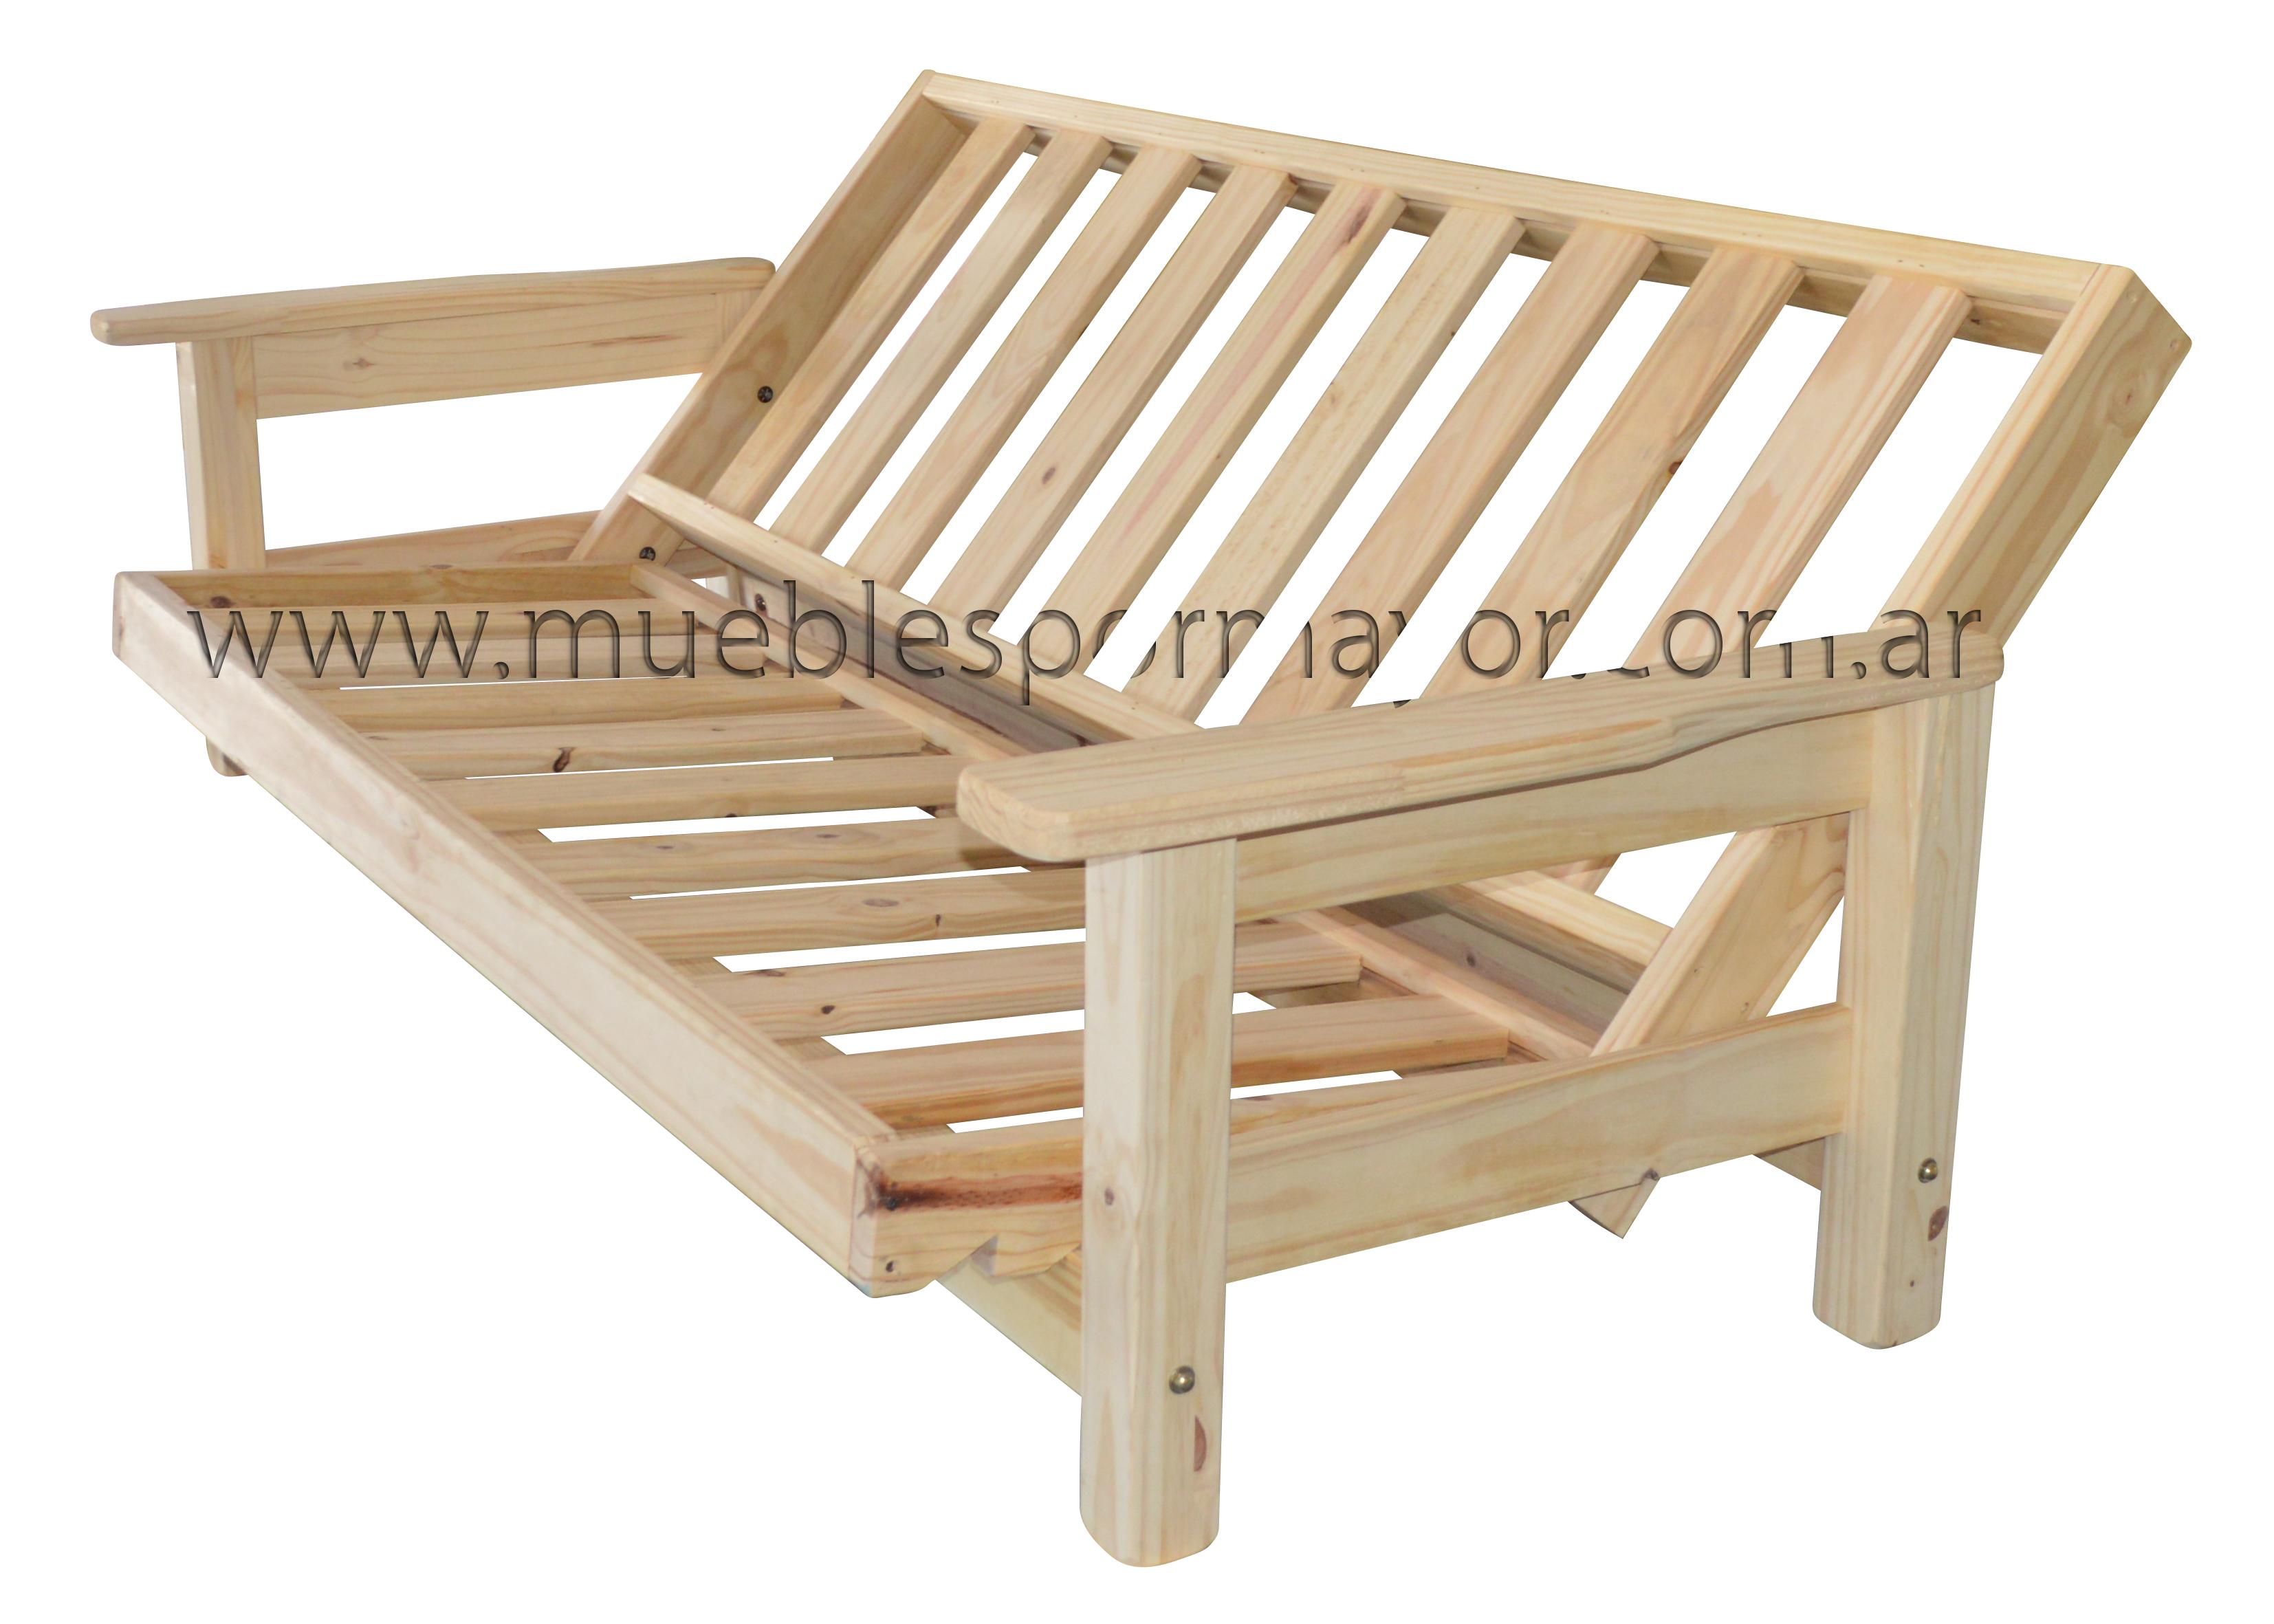 Muebles de living muebles por mayor for Mueble que se hace cama